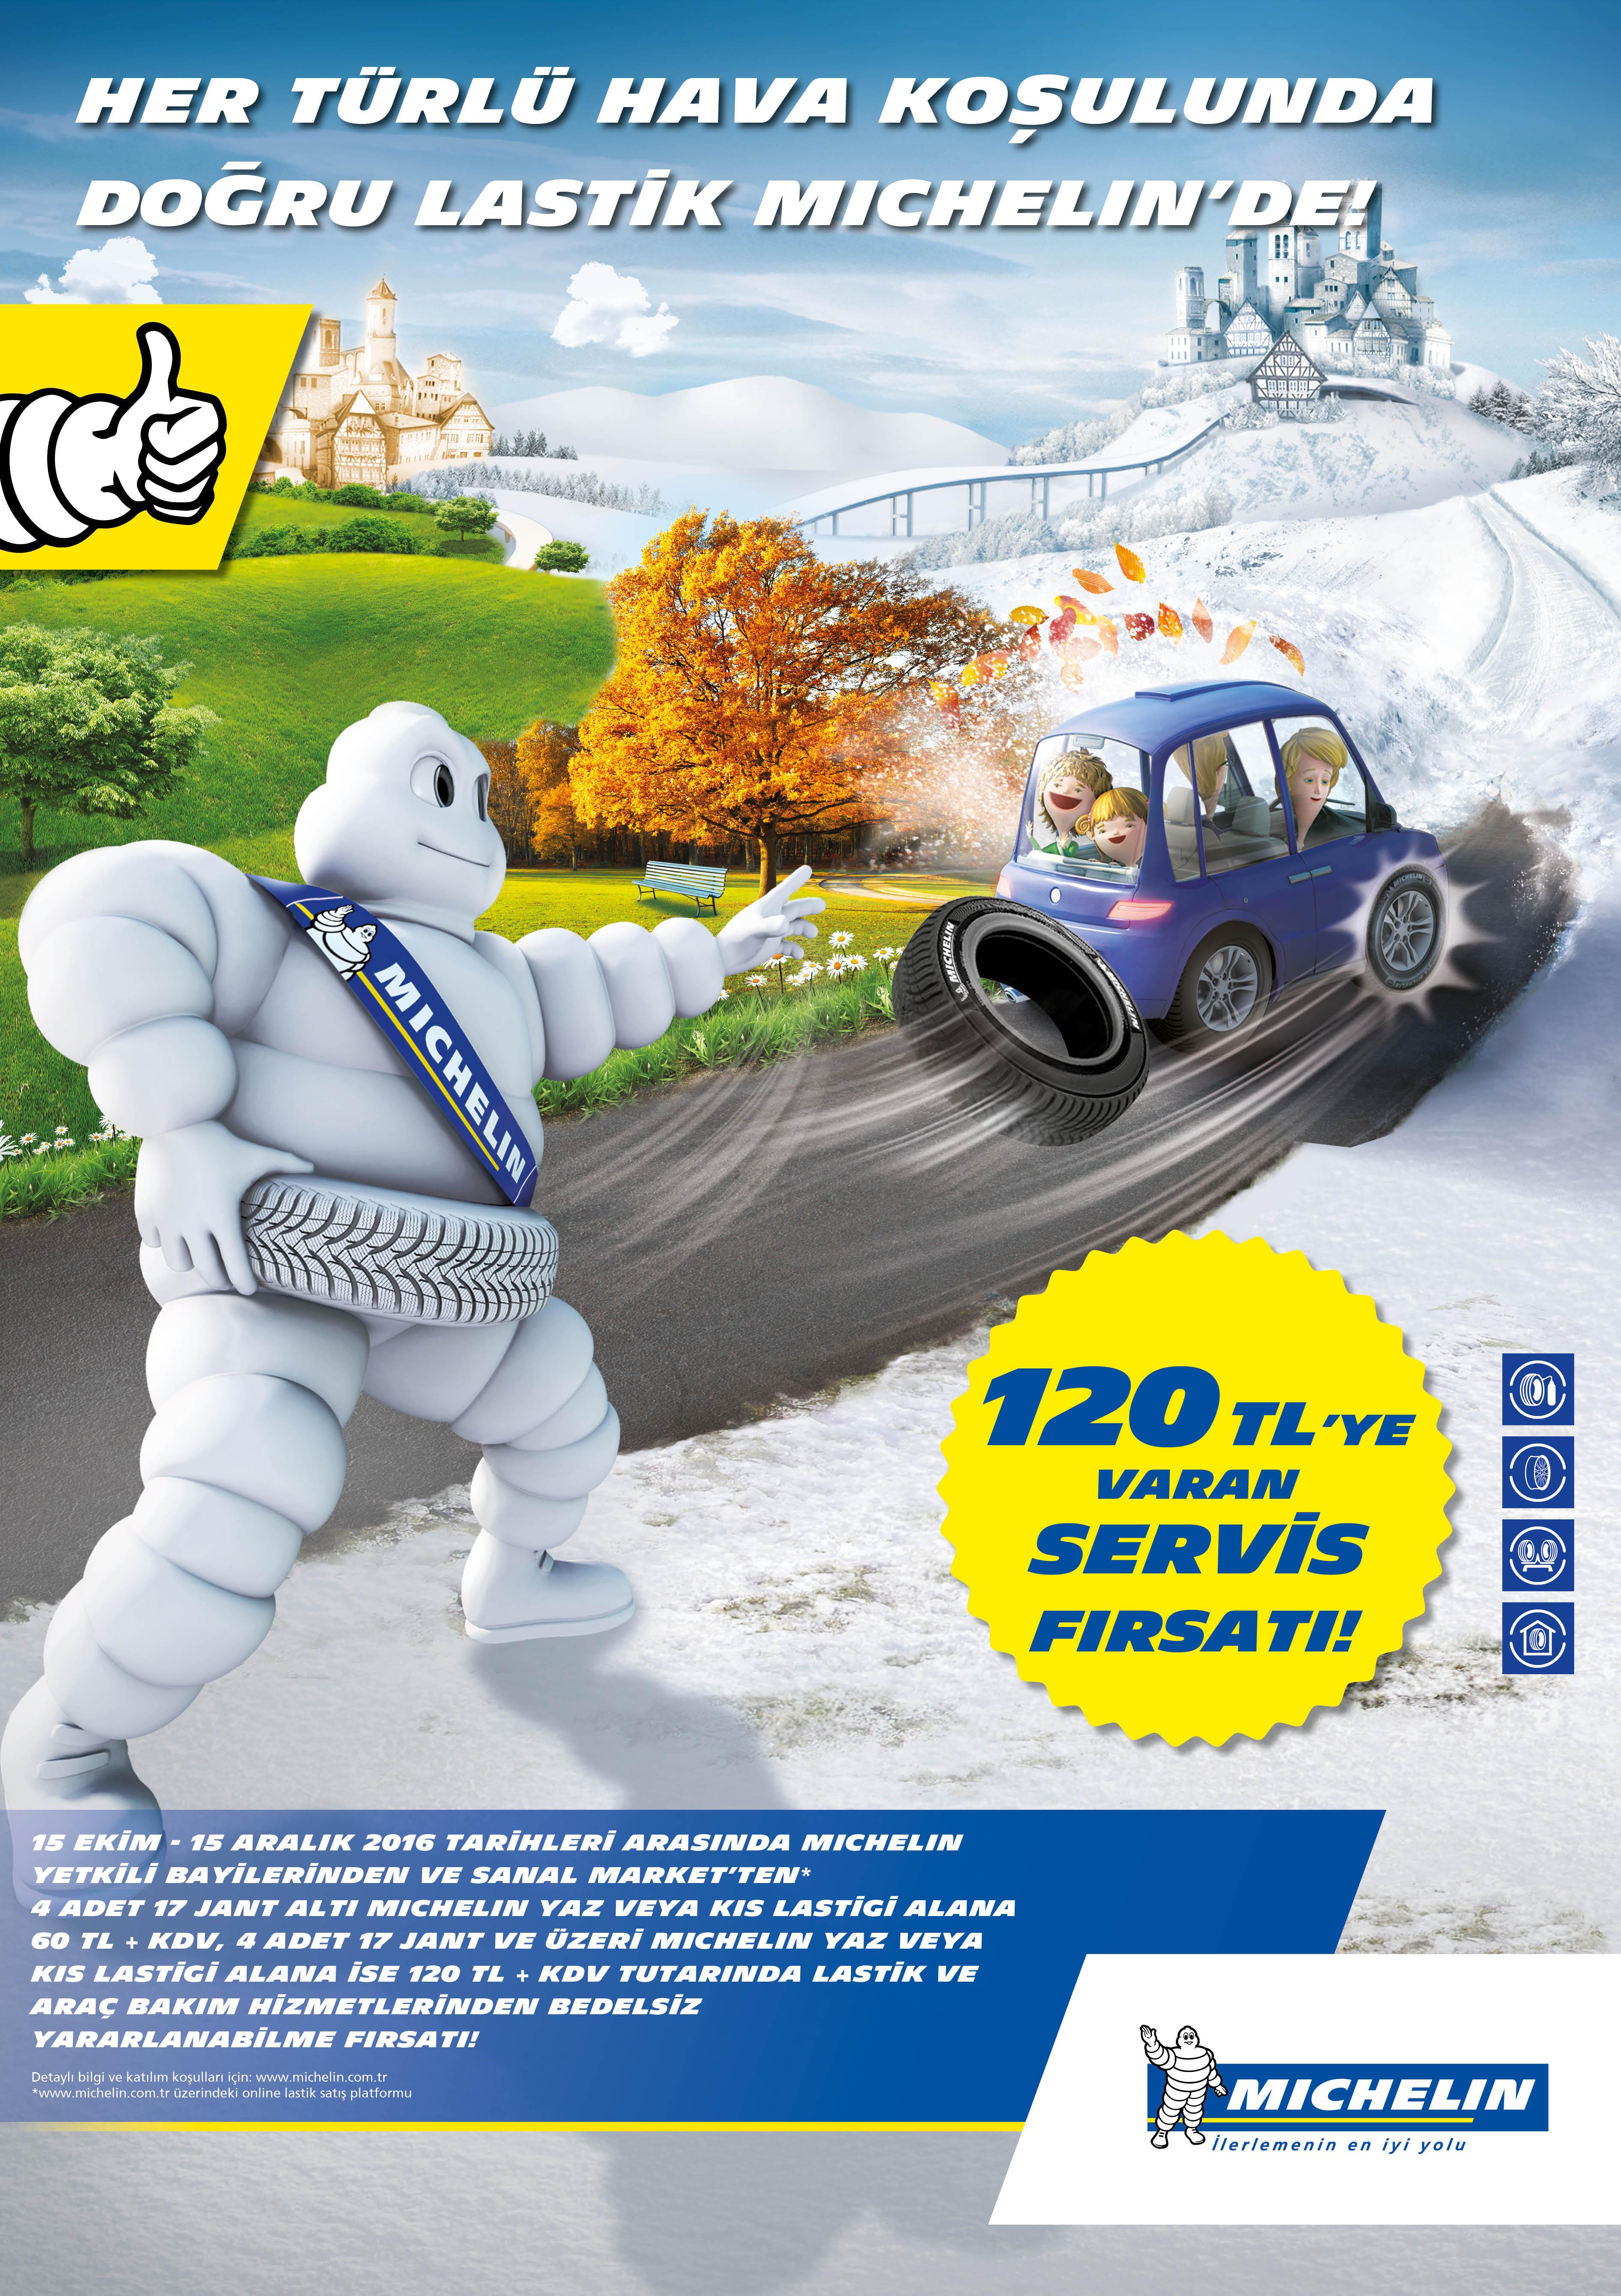 Michelin'den Müşterilerine Lastik Servis ve Araç Bakım Hizmeti Hediyesi